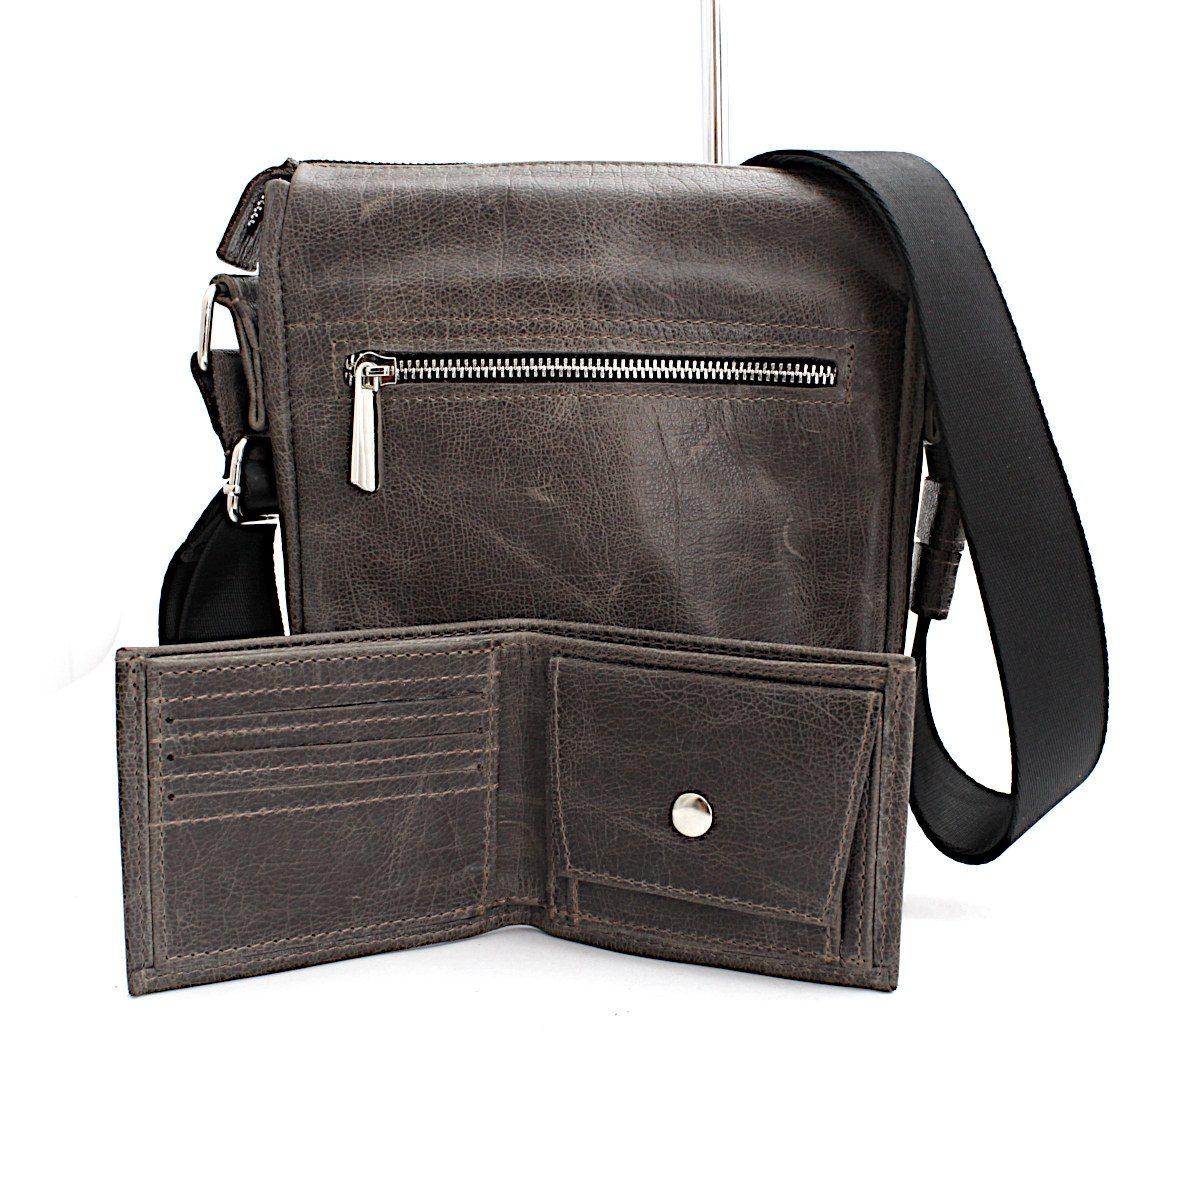 Комплект мъжка чанта и портфейл сив отзад